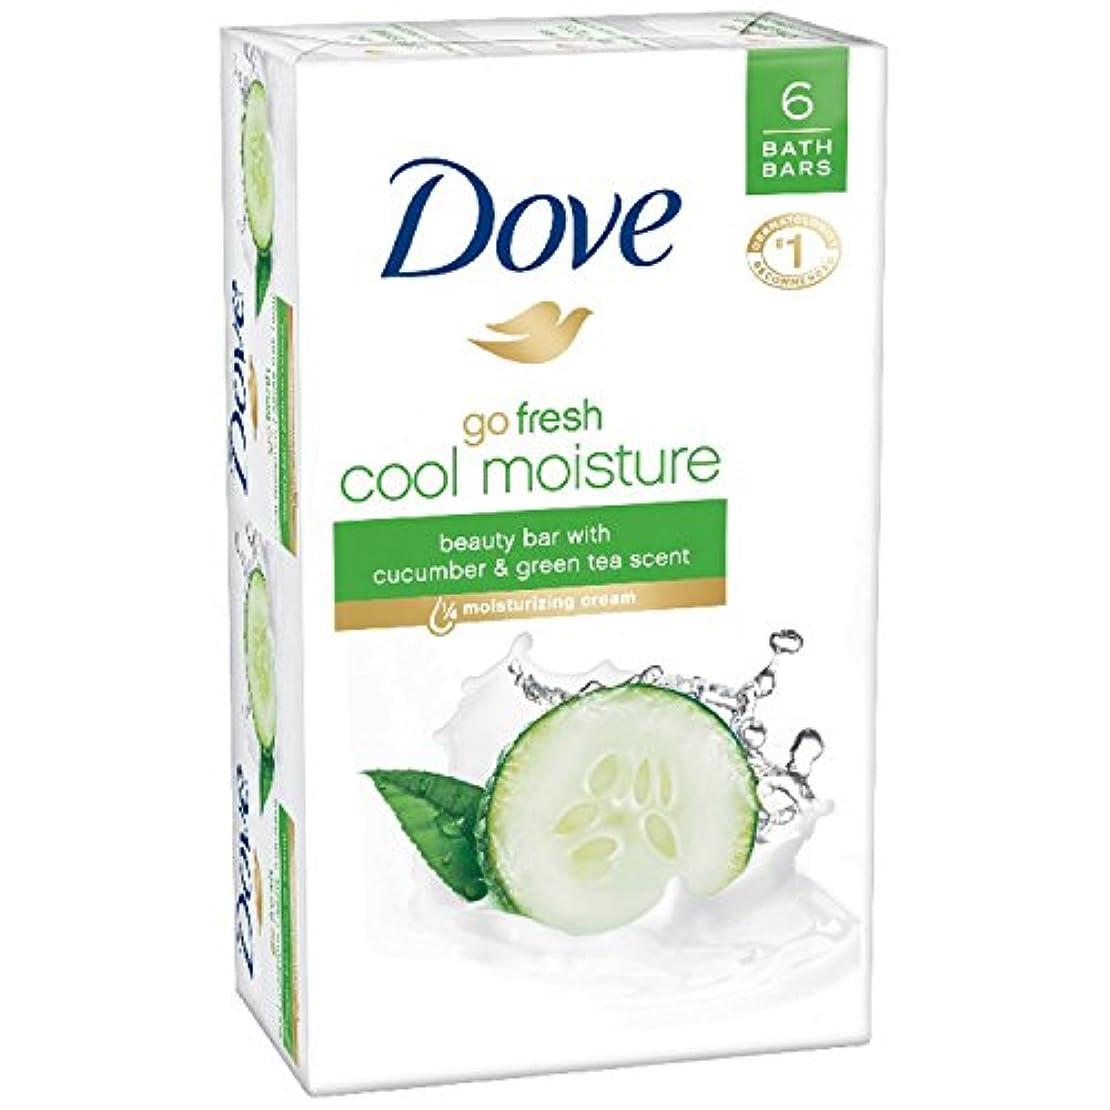 真実に化粧熟達したDove 新鮮な美しさバー、キュウリ、緑茶4オンス、6バーを移動します